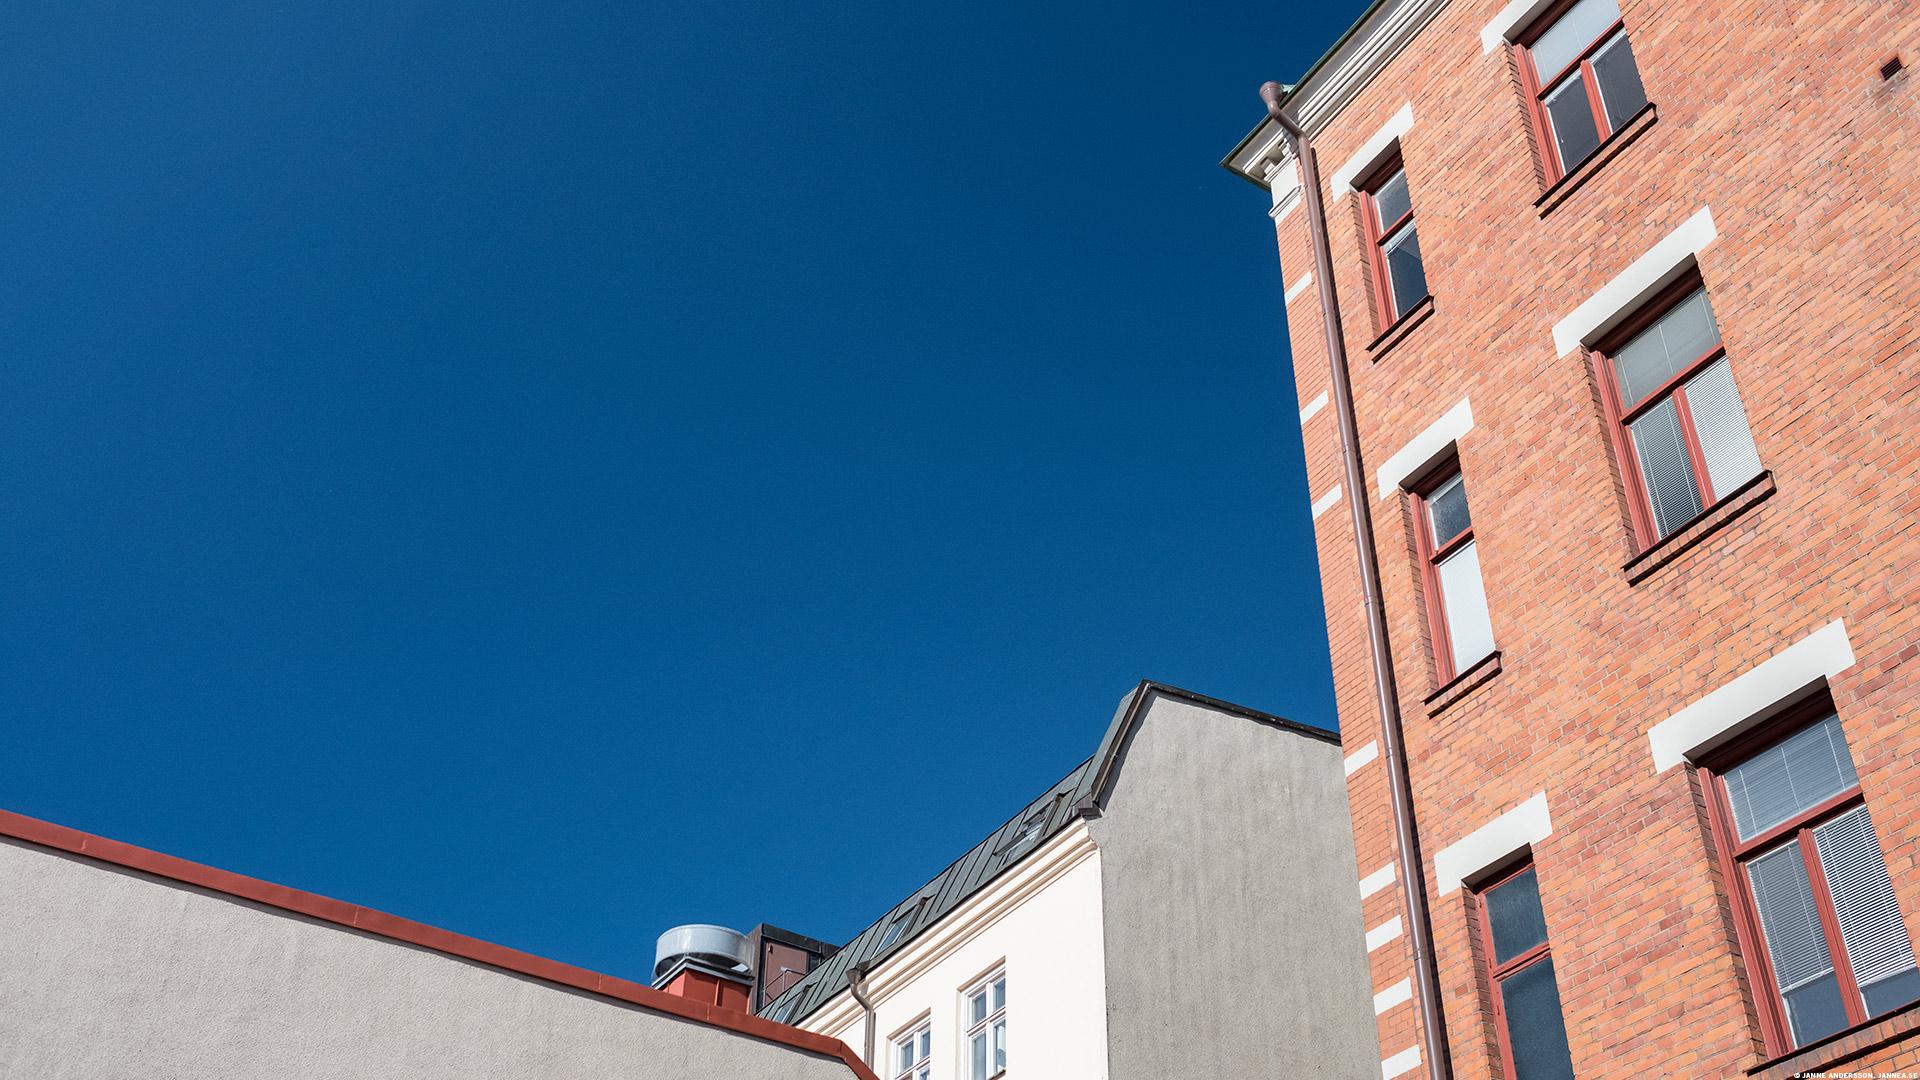 Väldigt jätteblå himmel |©Janne A